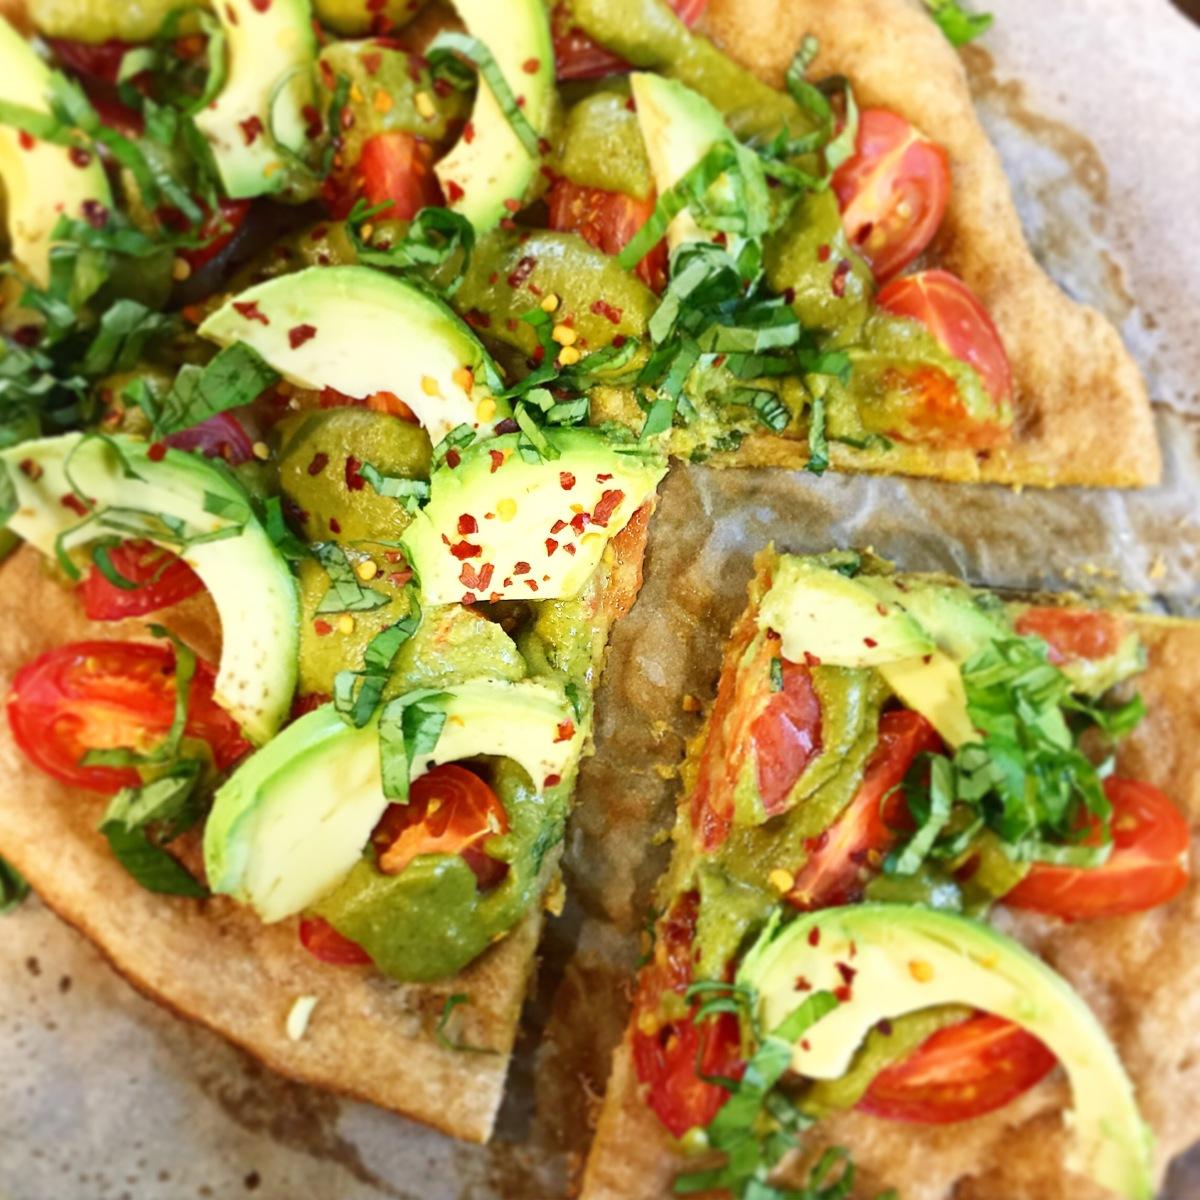 Avocado & Lemon Pesto Pizza